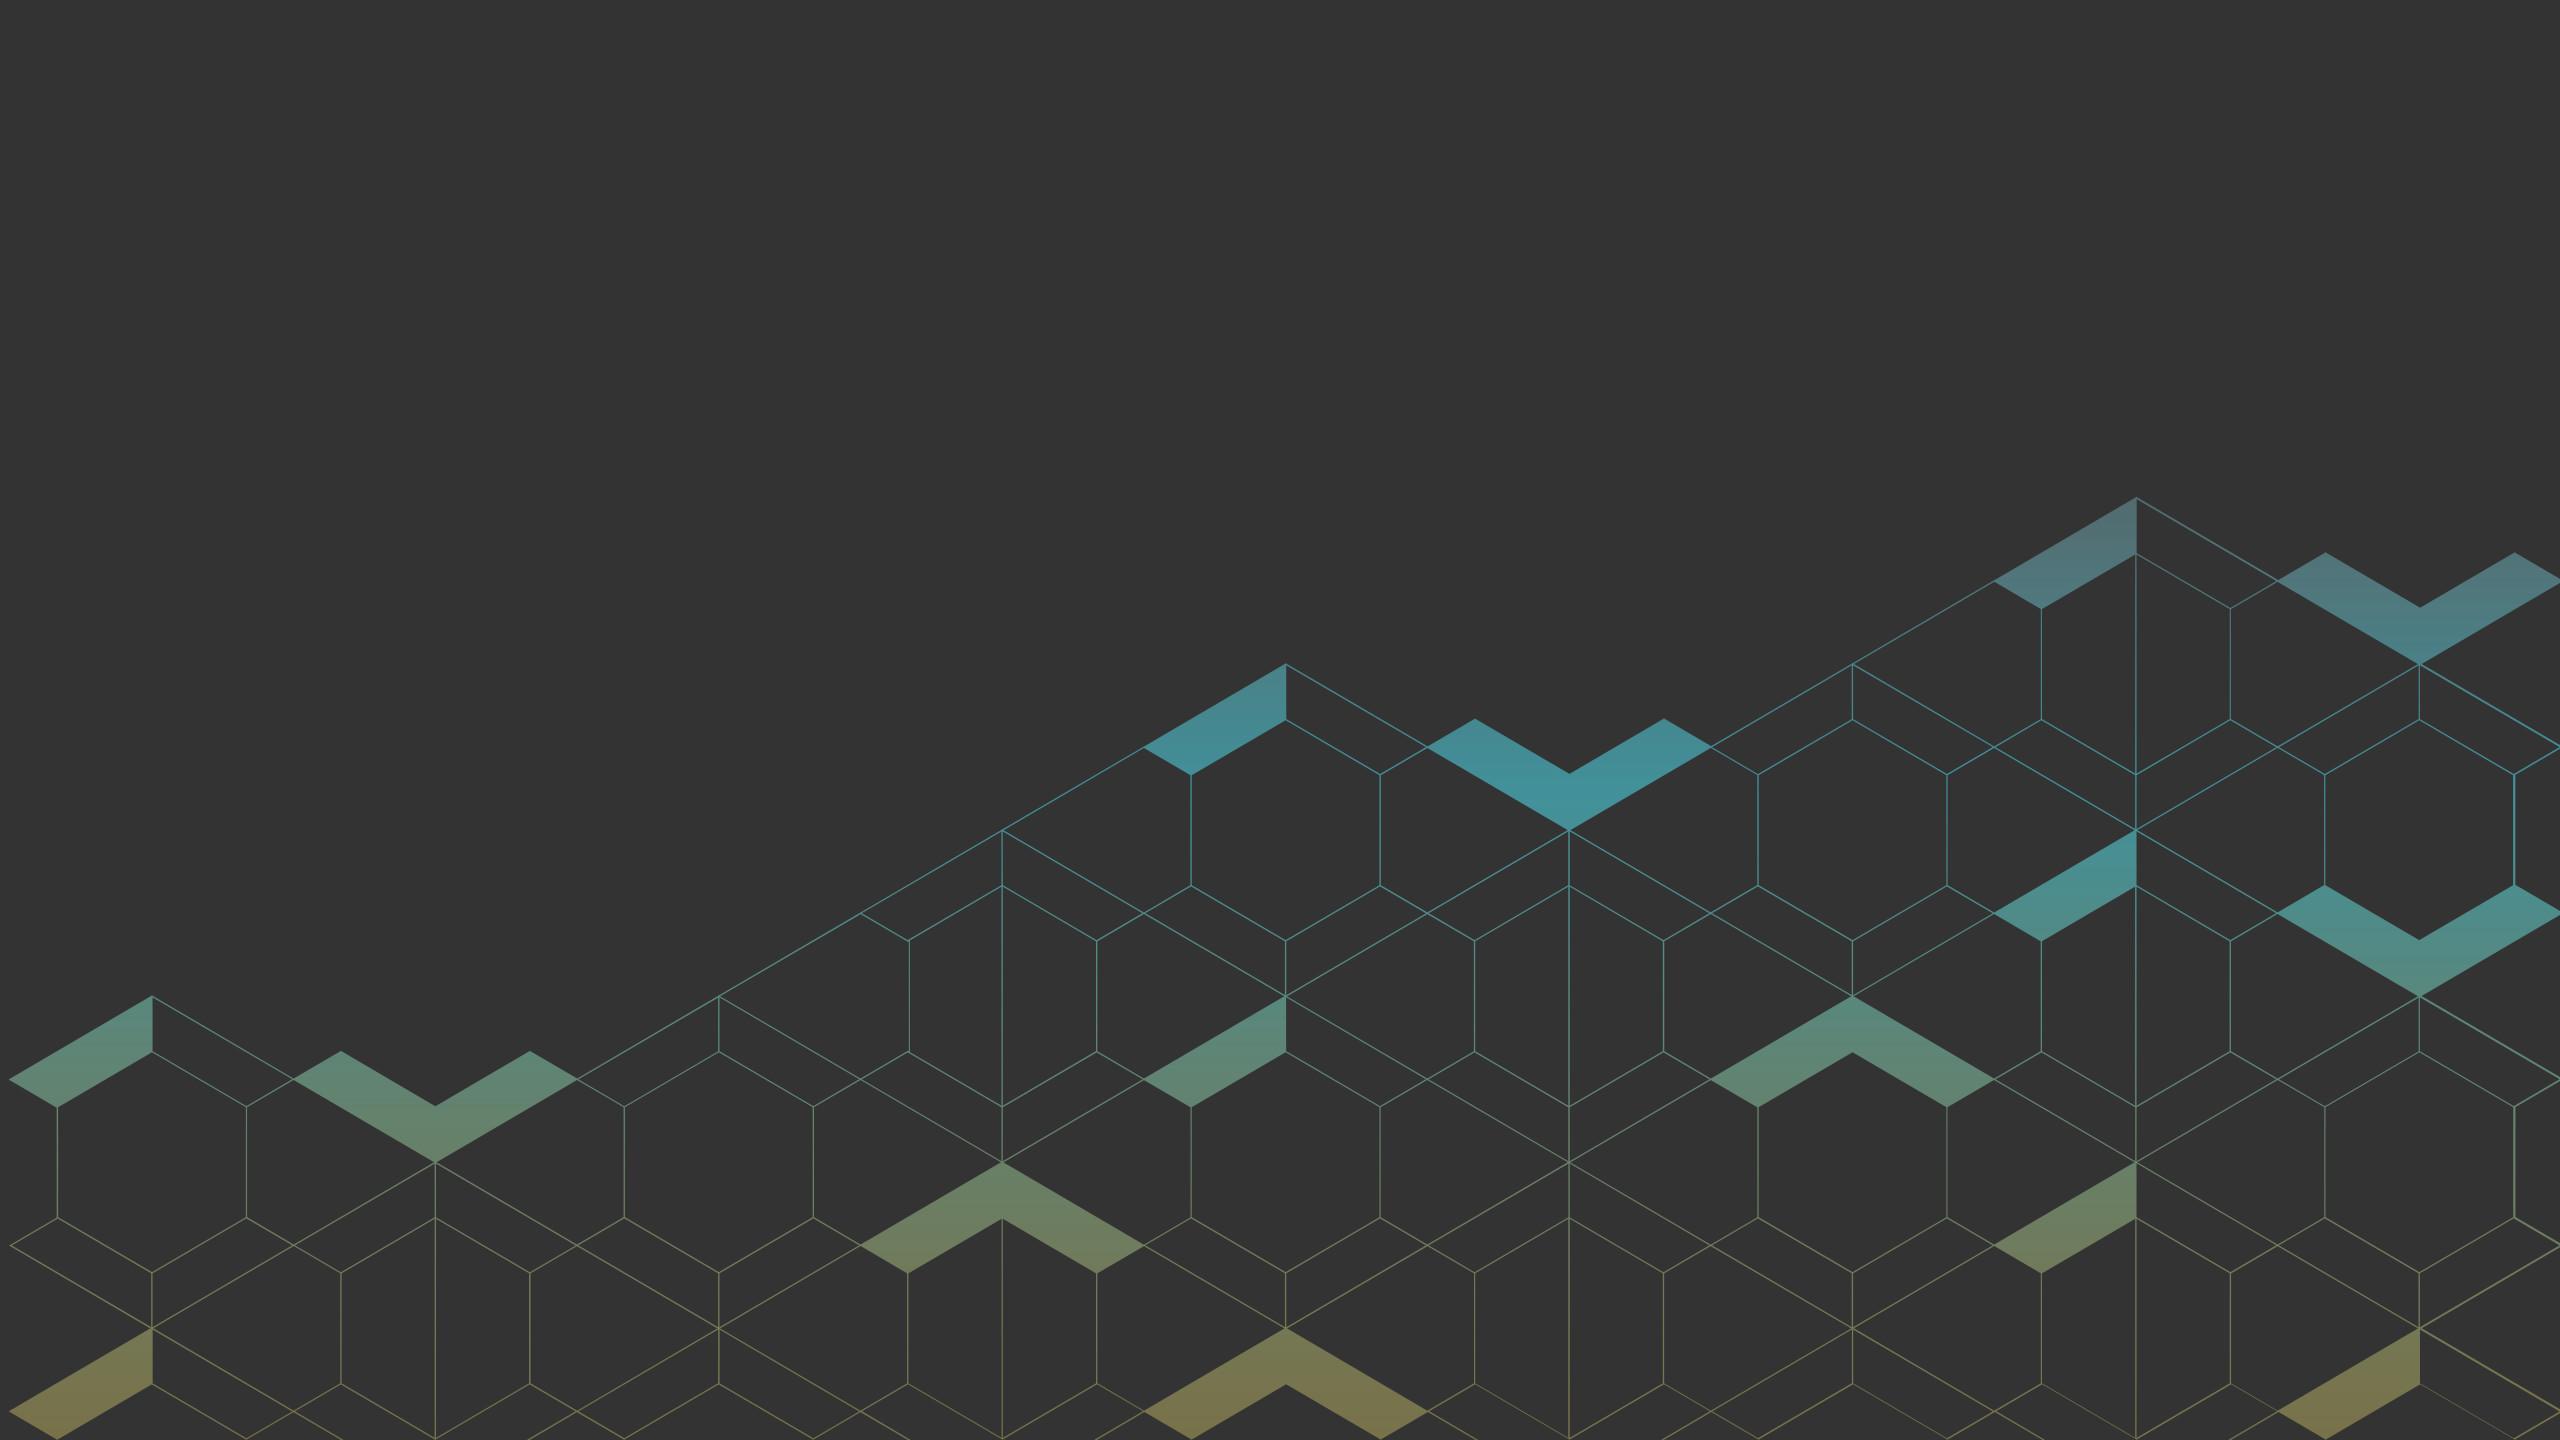 Fractal Mountains Desktop Wallpaper